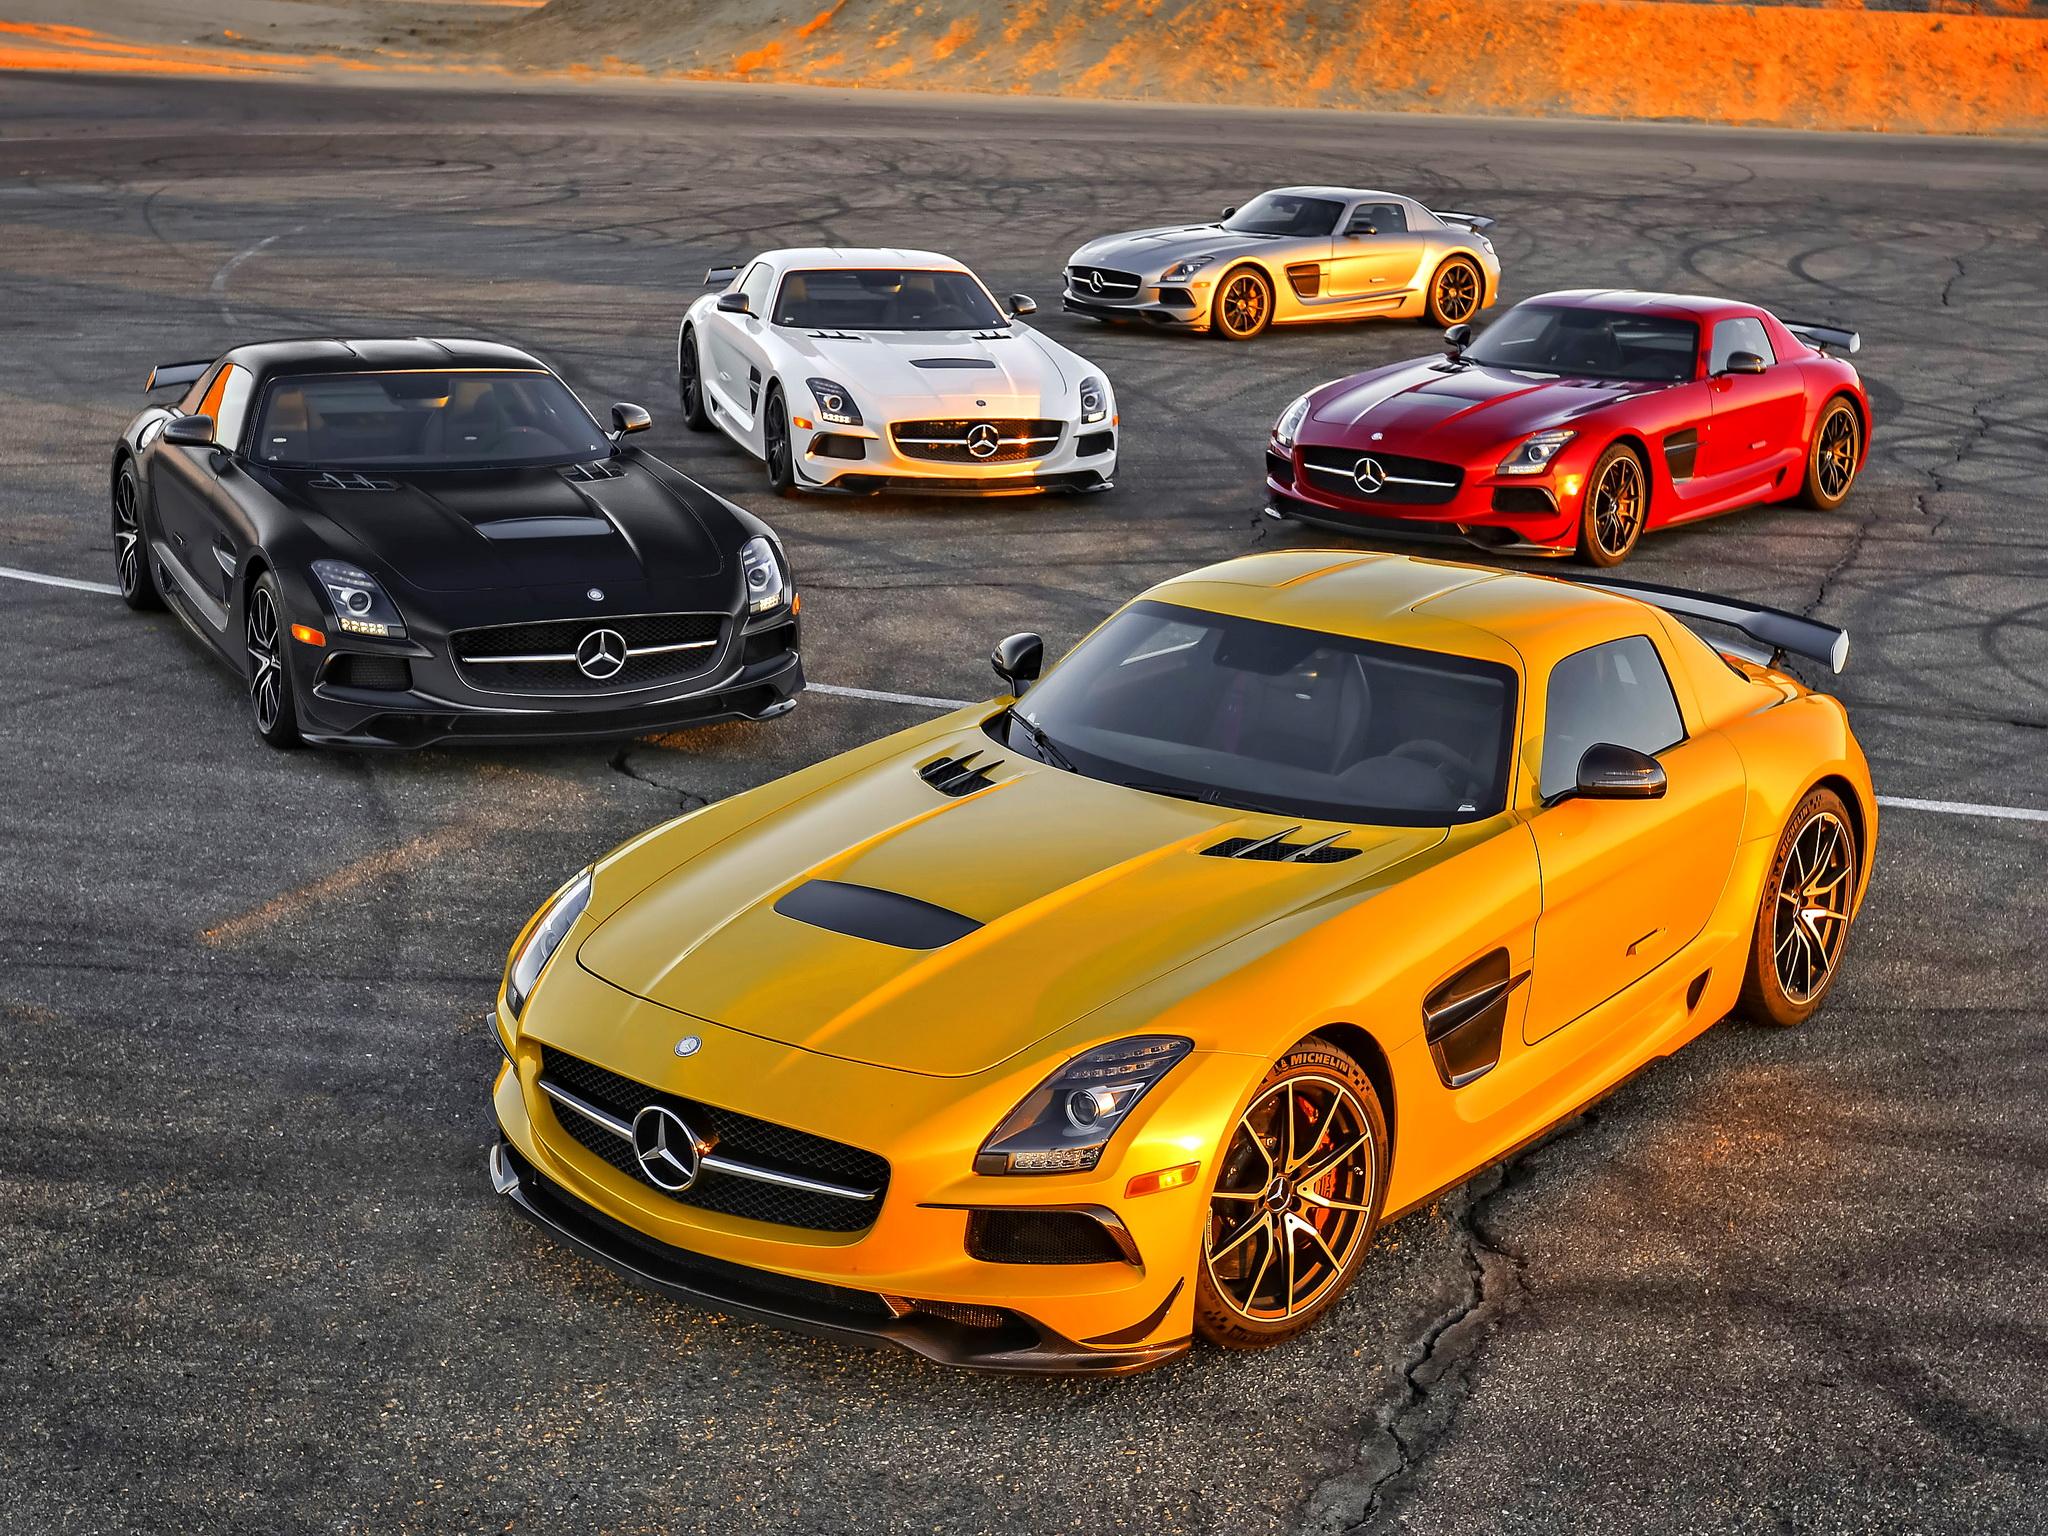 wallpaper 2013 mercedes benz sls 63 amg black series us spec c197 sls - 2015 Mercedes Benz Sls Amg Black Series